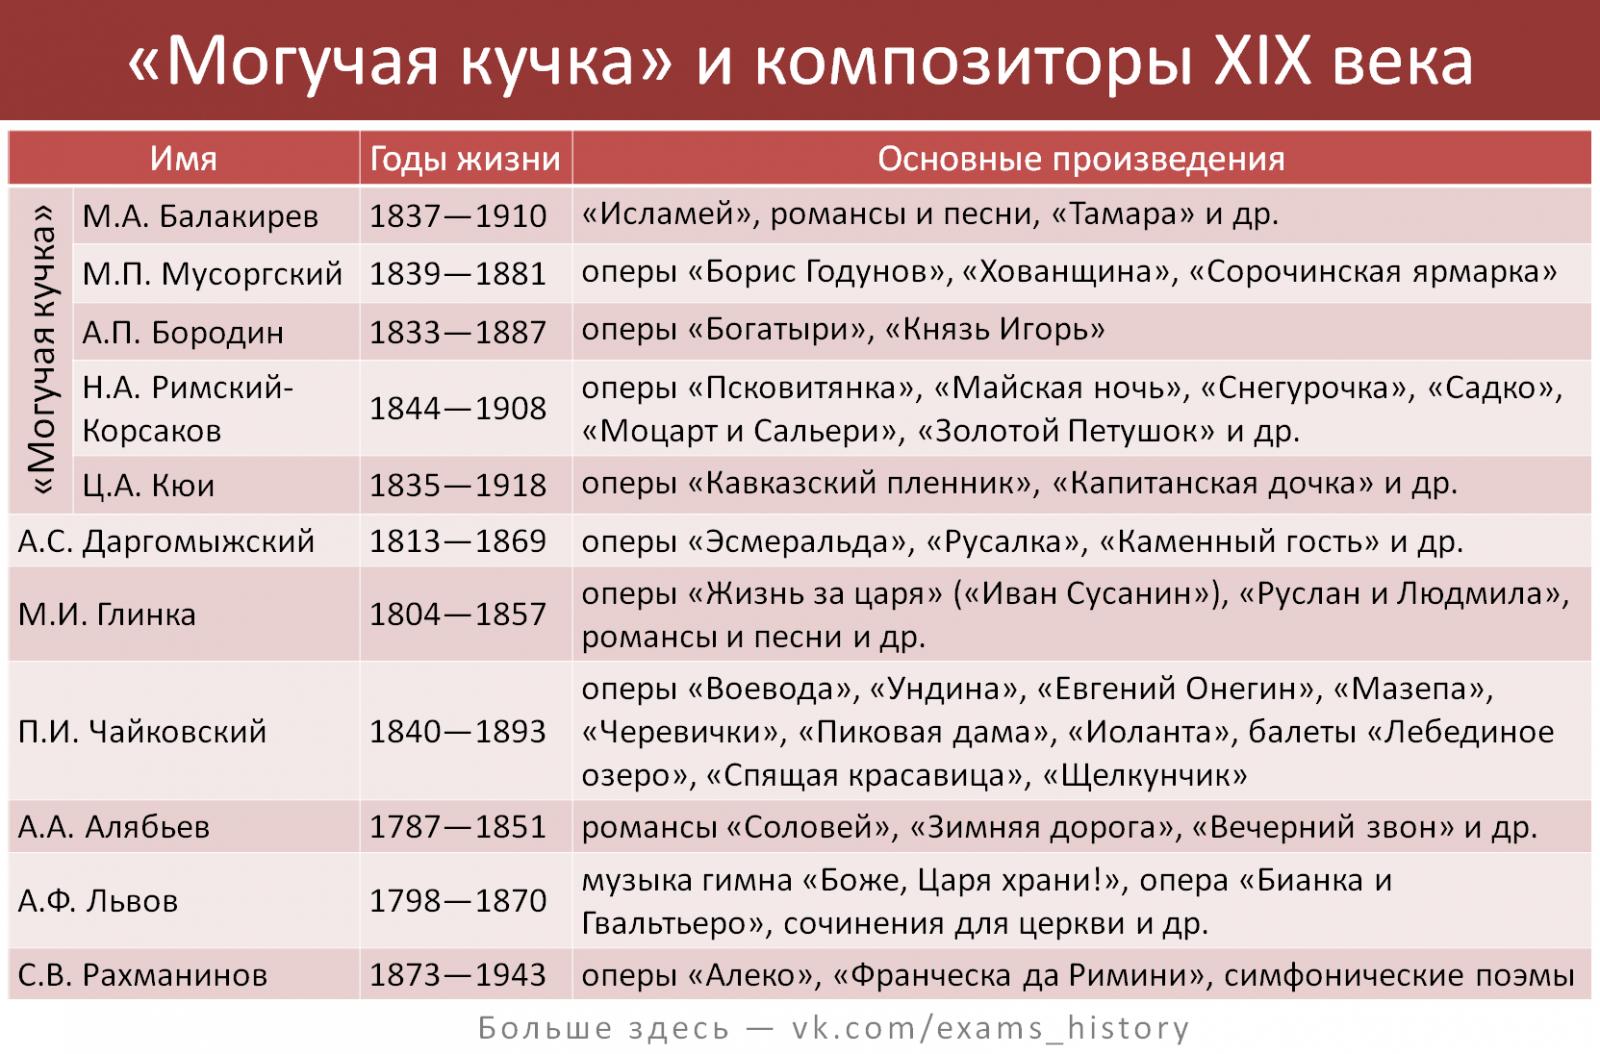 века первые посольства кыргызско-русские половина шпаргалка связи 19